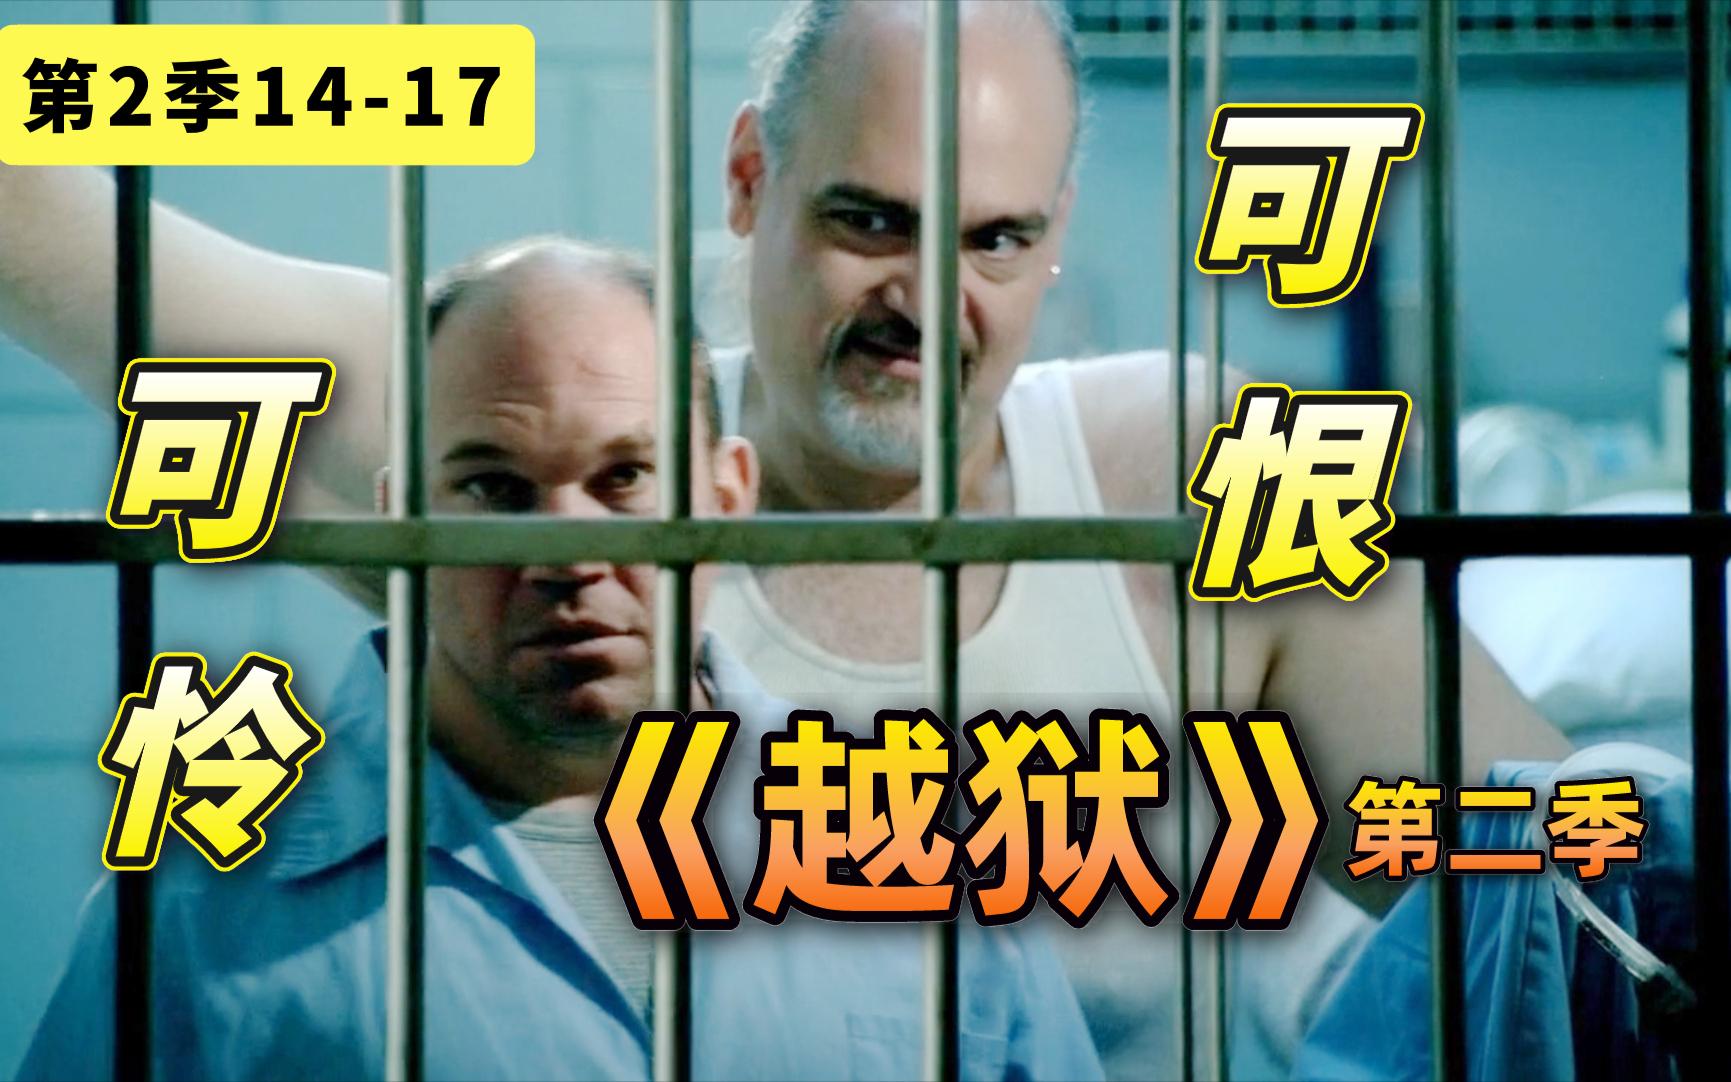 【阿斗】可怜可恨贝里克!从狱警沦为阶下囚被虐惨,美剧《越狱》第二季14-17